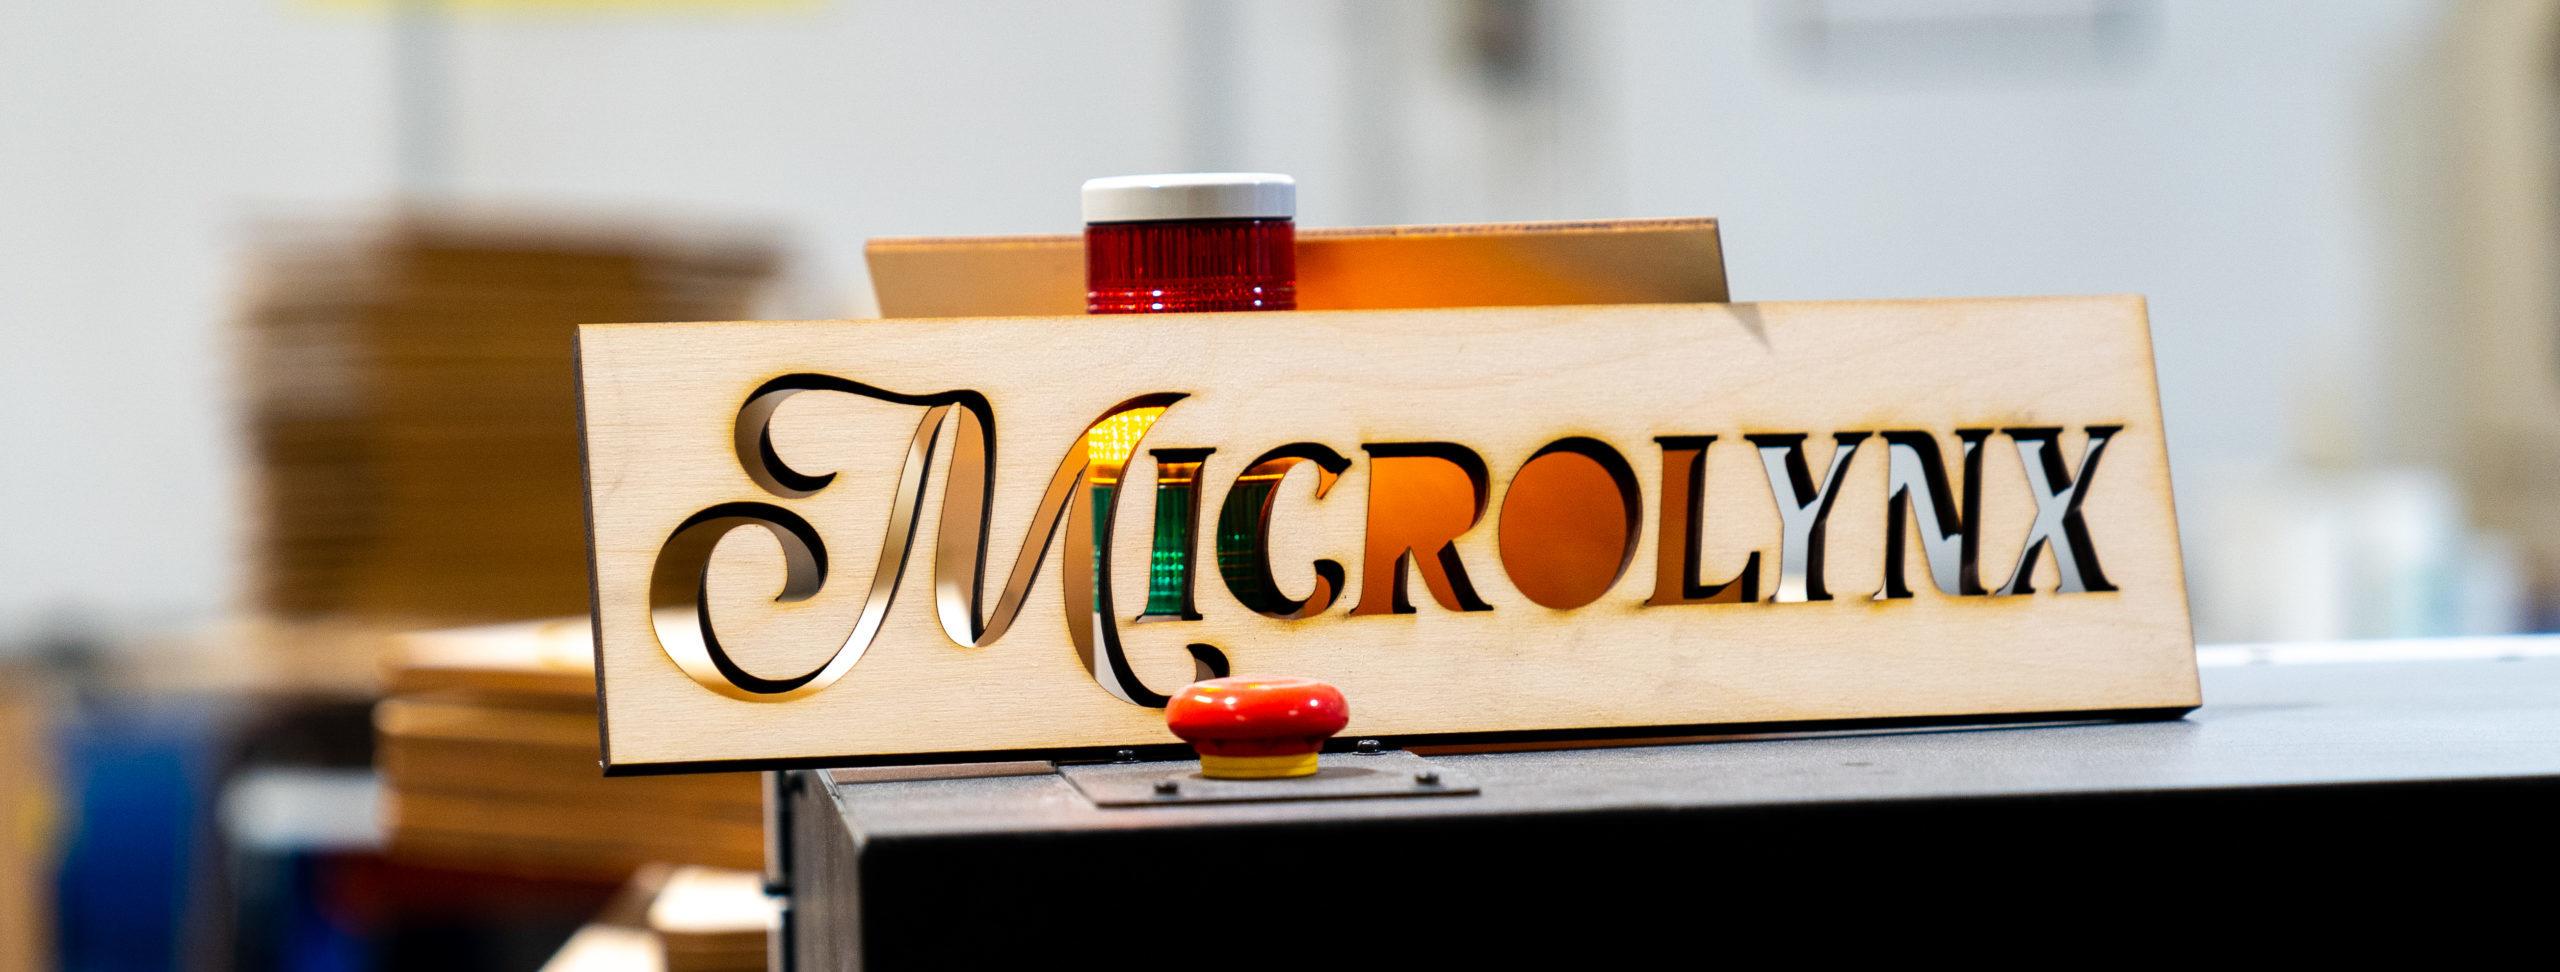 imprimerie-microlynx-innovation